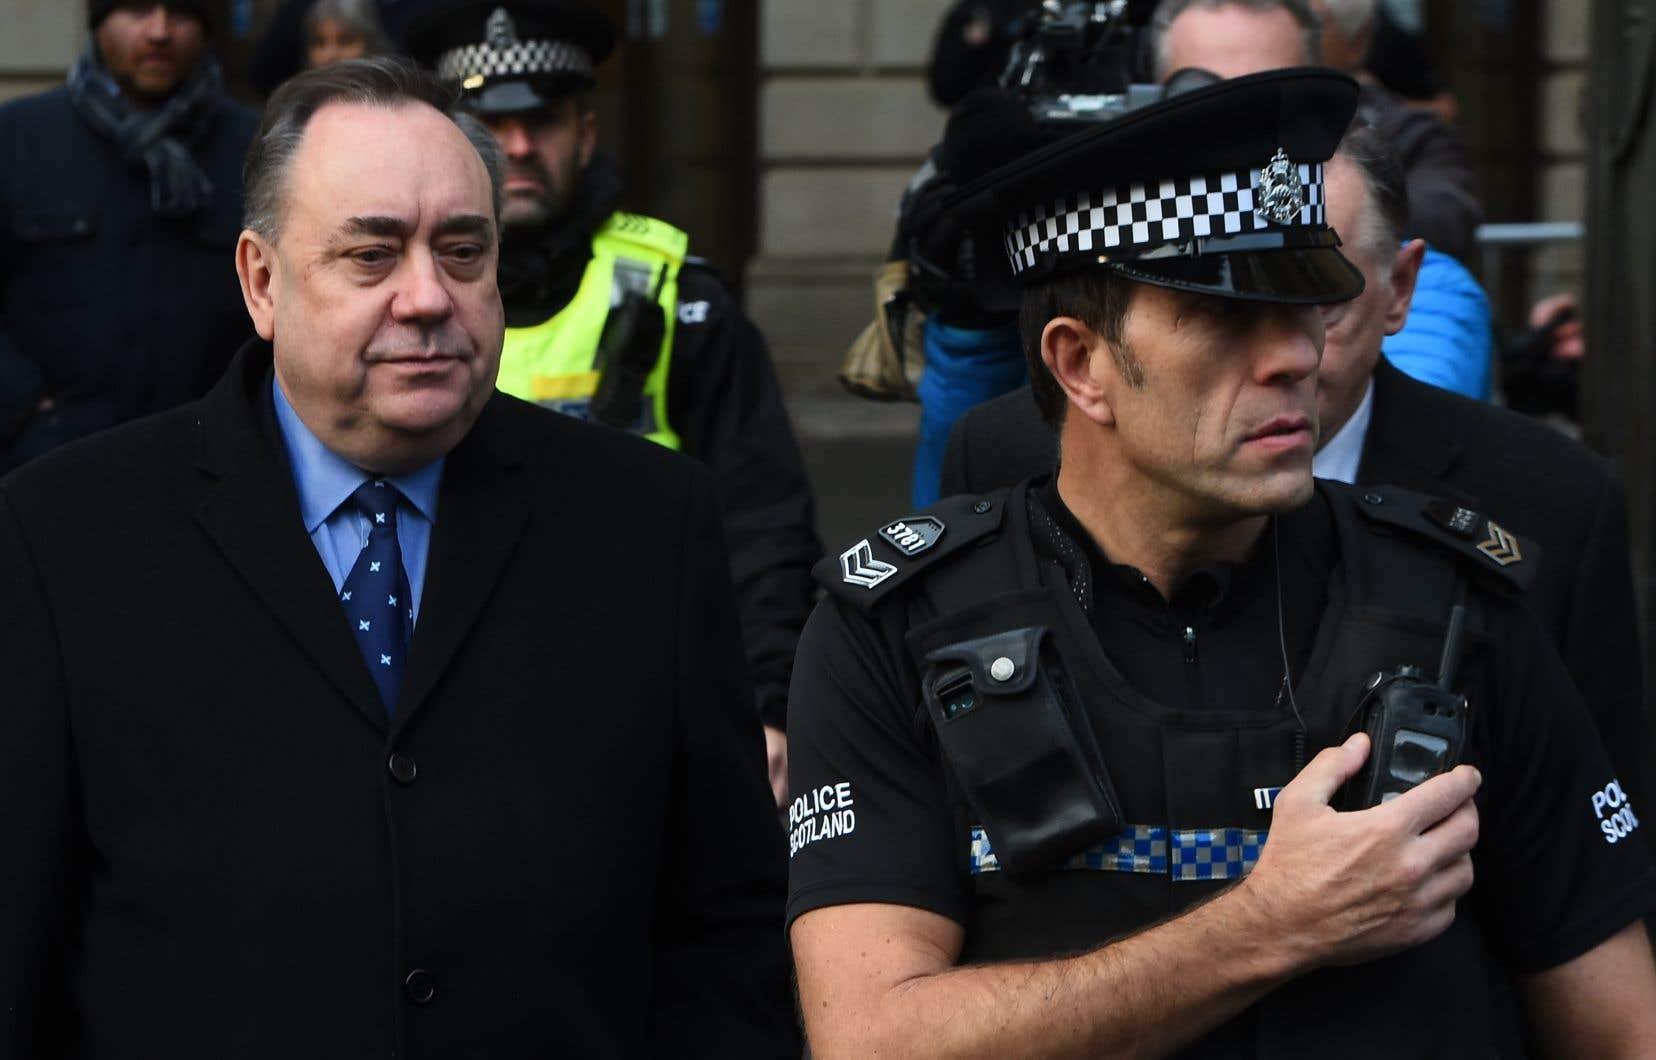 L'ancien premier ministre écossais Alex Salmond a brièvement comparu devant la justice pour répondre d'accusations d'agression sexuelle et de tentative de viol.